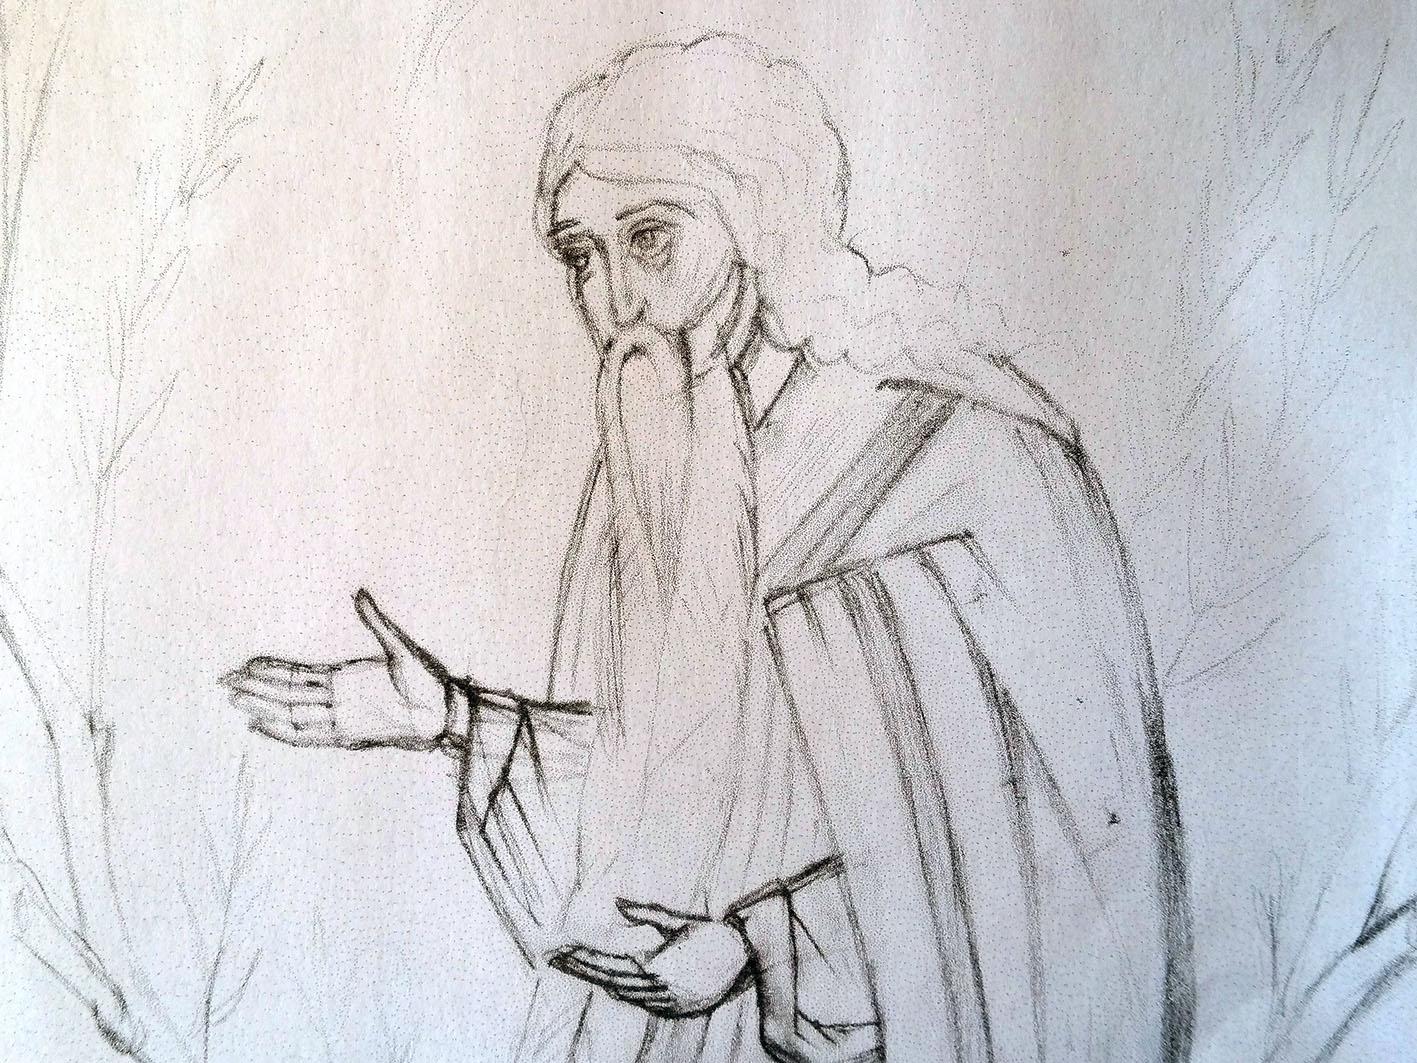 pencil sketch of st David